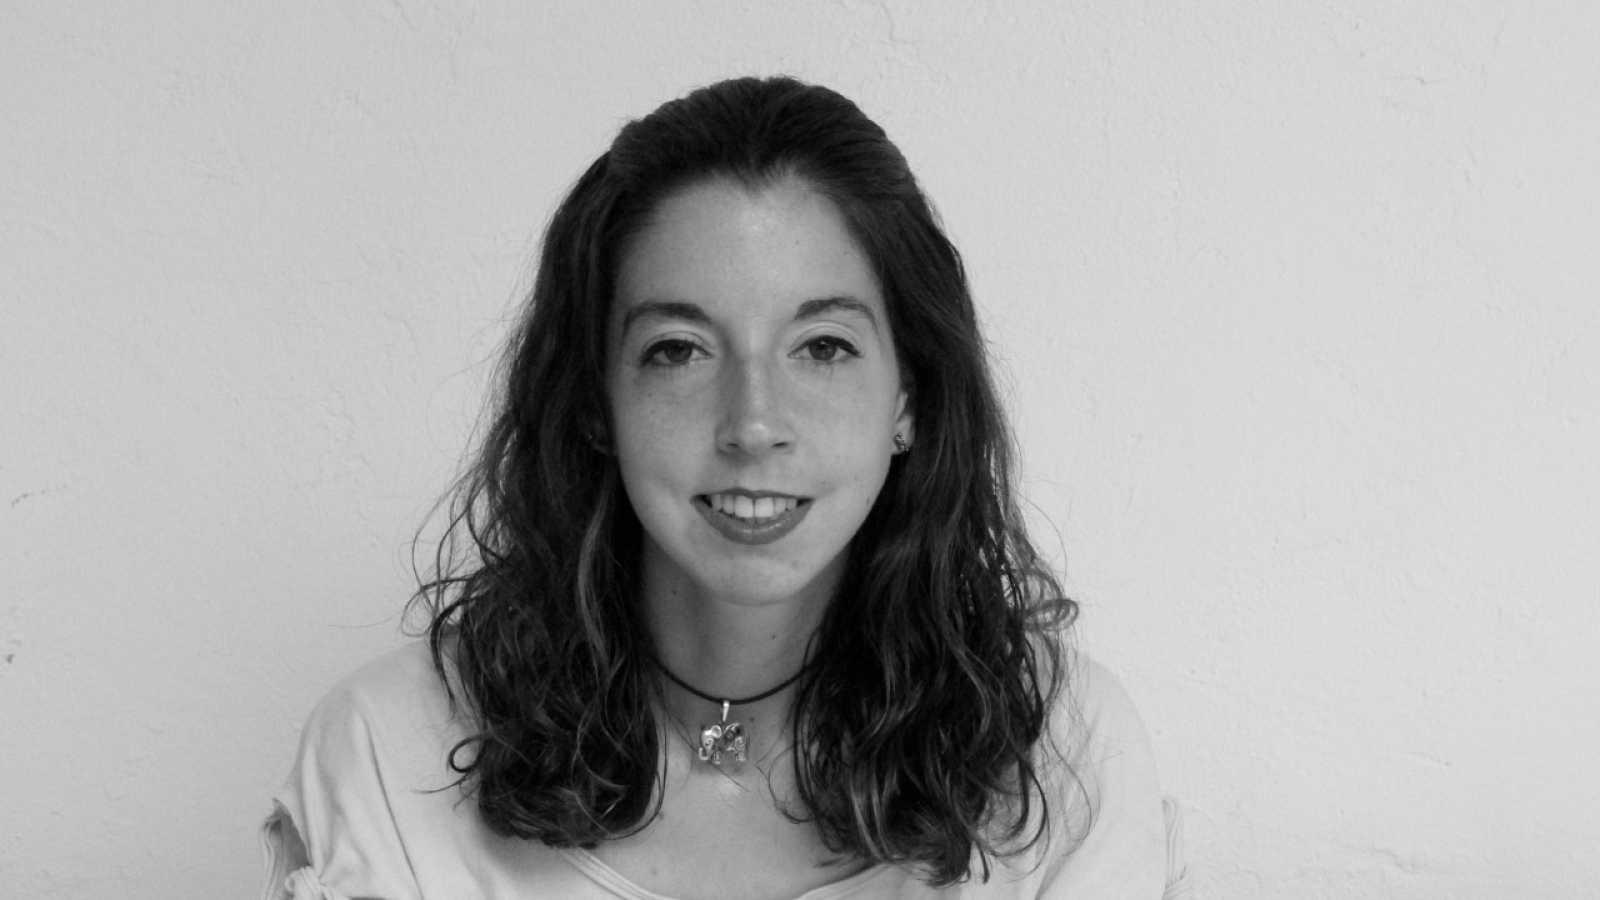 El ojo crítico - Raquel Vázquez y Angela Molina - 30/11/20 - escuchar ahora